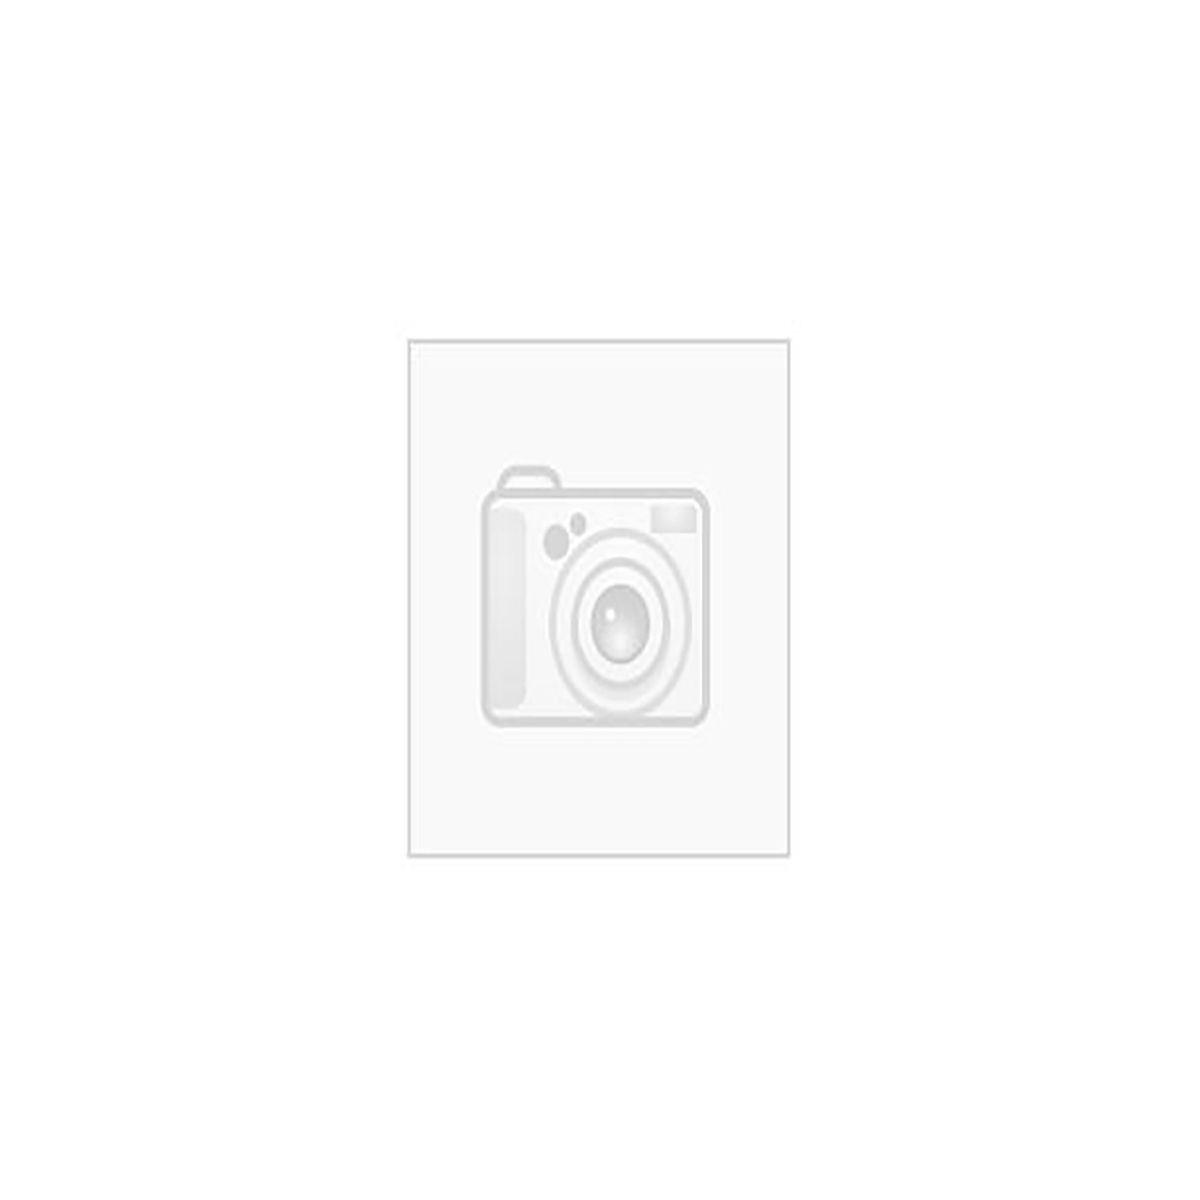 Sanipex Vinkelventil til fordeler 1x20 mm